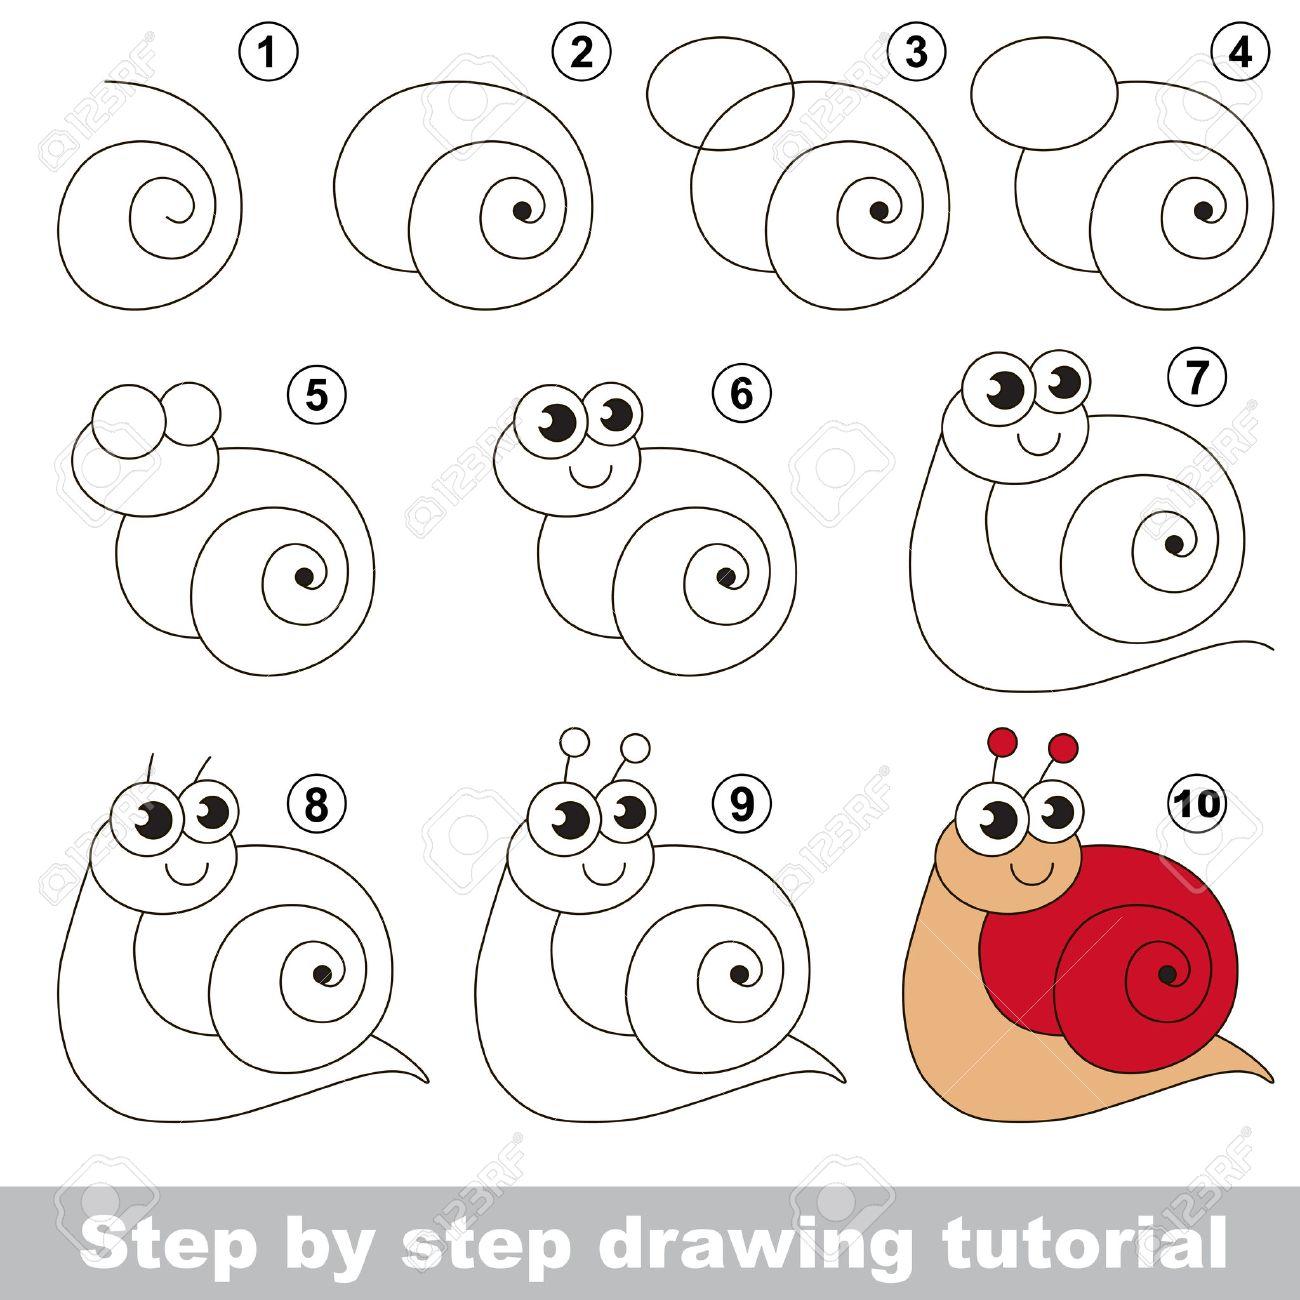 Tutorial De Dibujo Para Los Ninos Facil Juego De Ninos Educativo